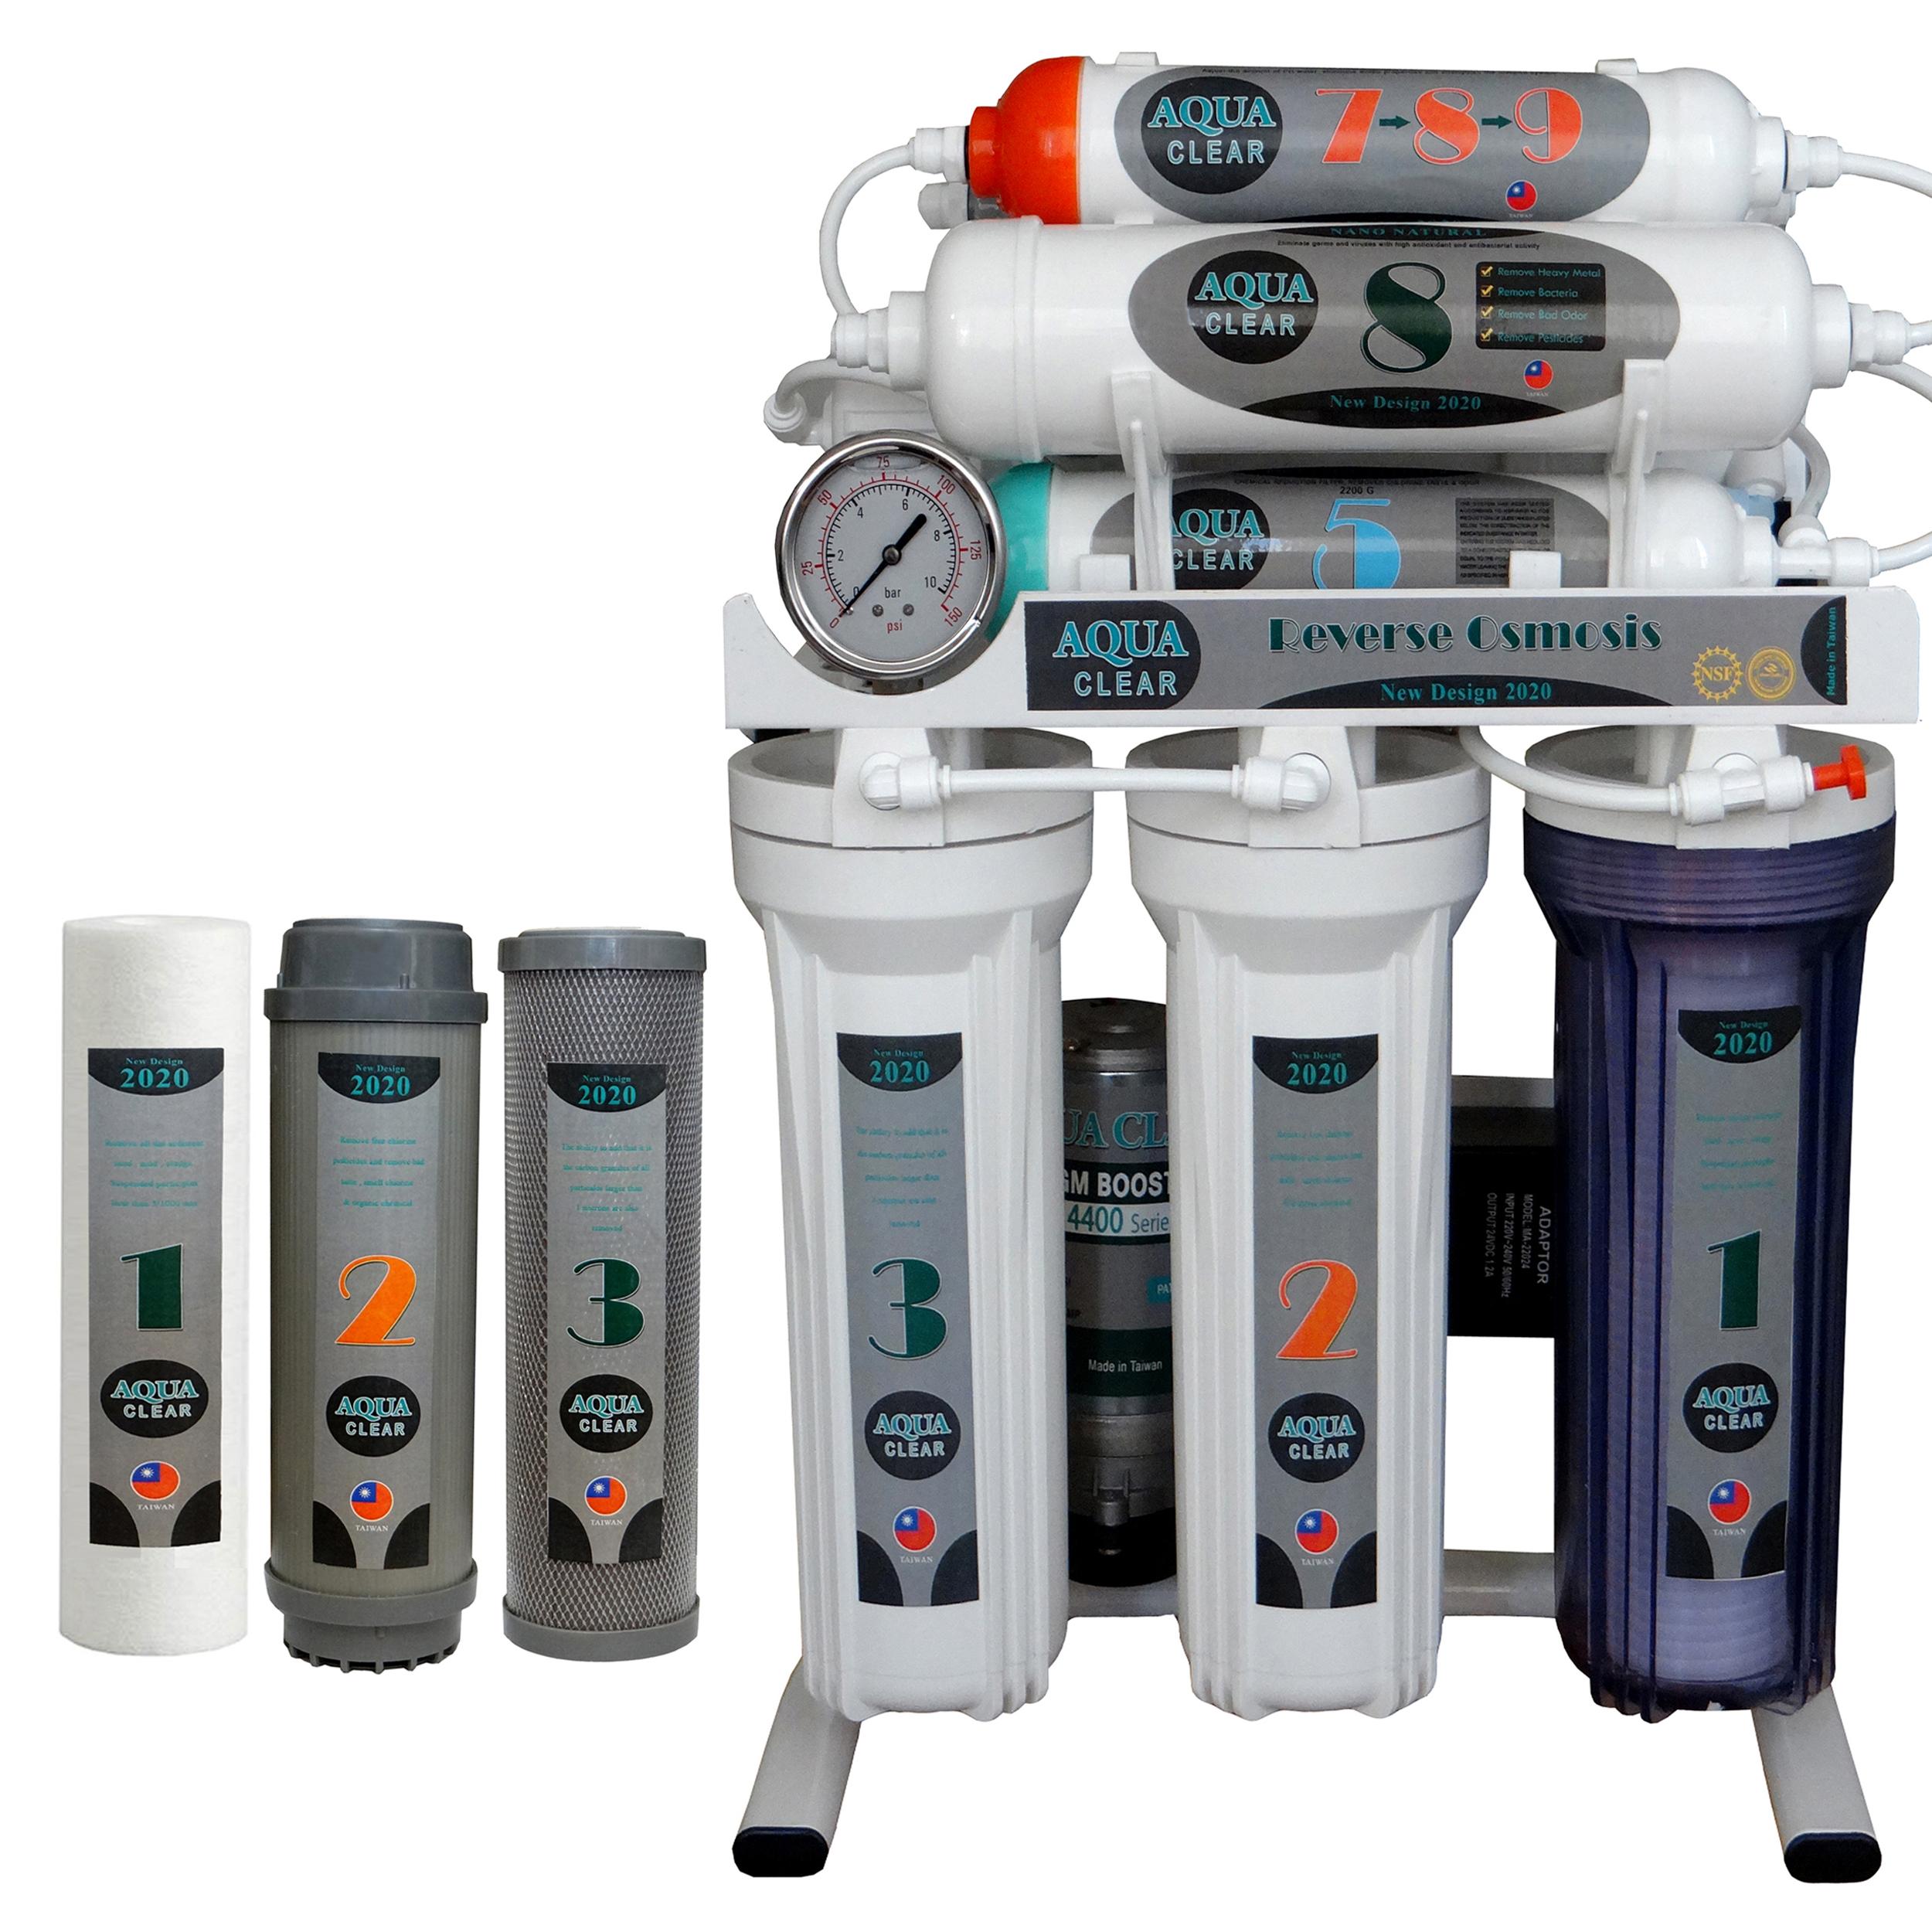 دستگاه تصفیه کننده آب آکوآکلیر مدل NEWDESIGN 2020 - AQN9 به همراه فیلتر بسته 3 عددی